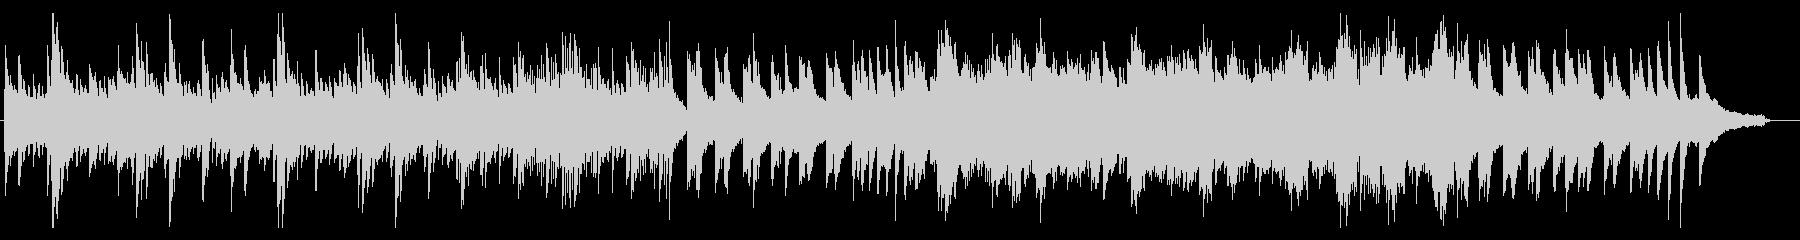 クラシック系 幻想的 ピアノソロの未再生の波形